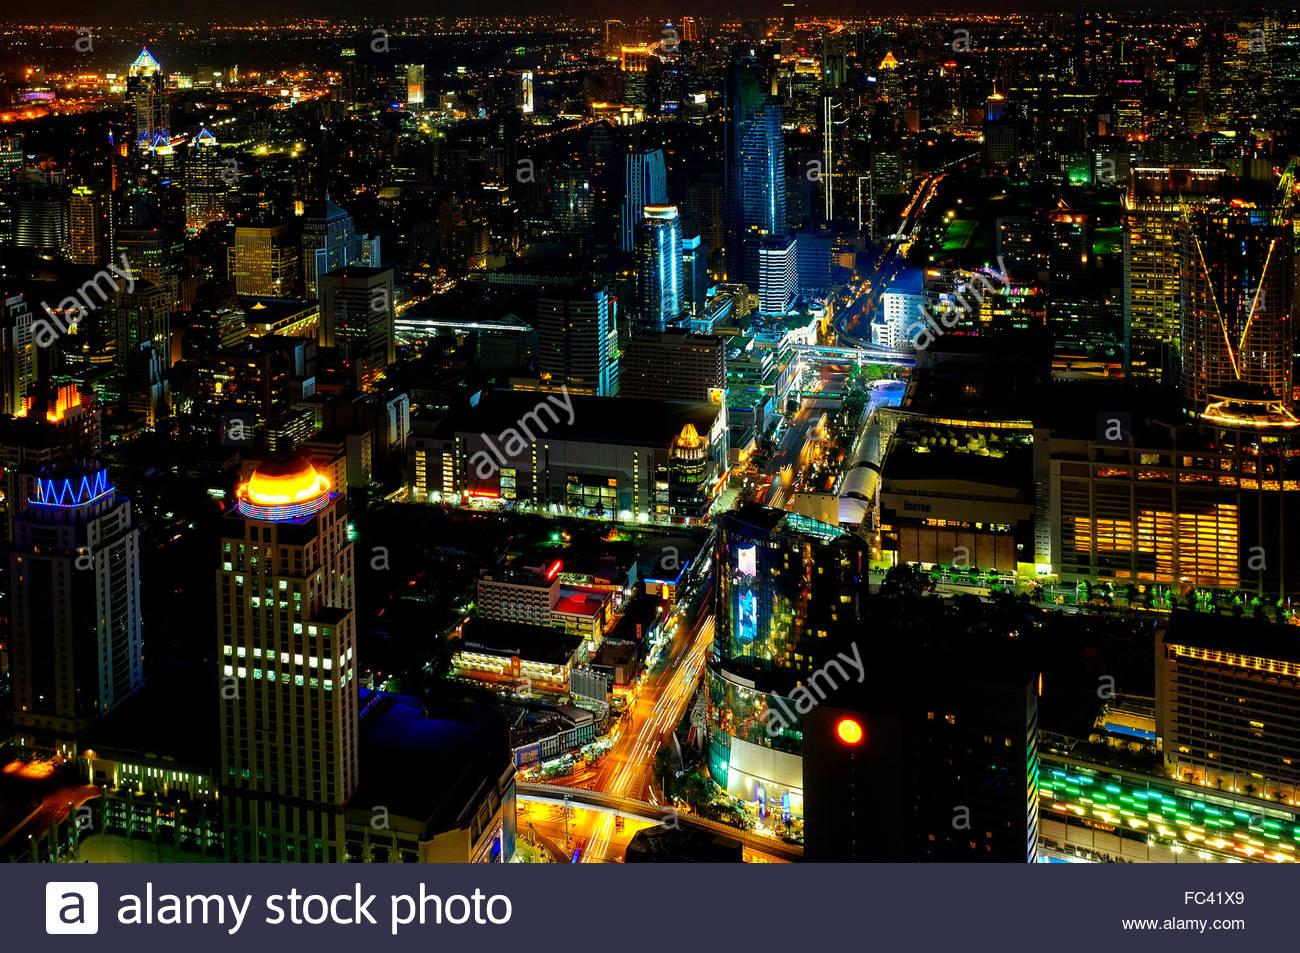 View of Bangkok at night from the Baiyoke Sky Hotel, Thailand - Stock Image